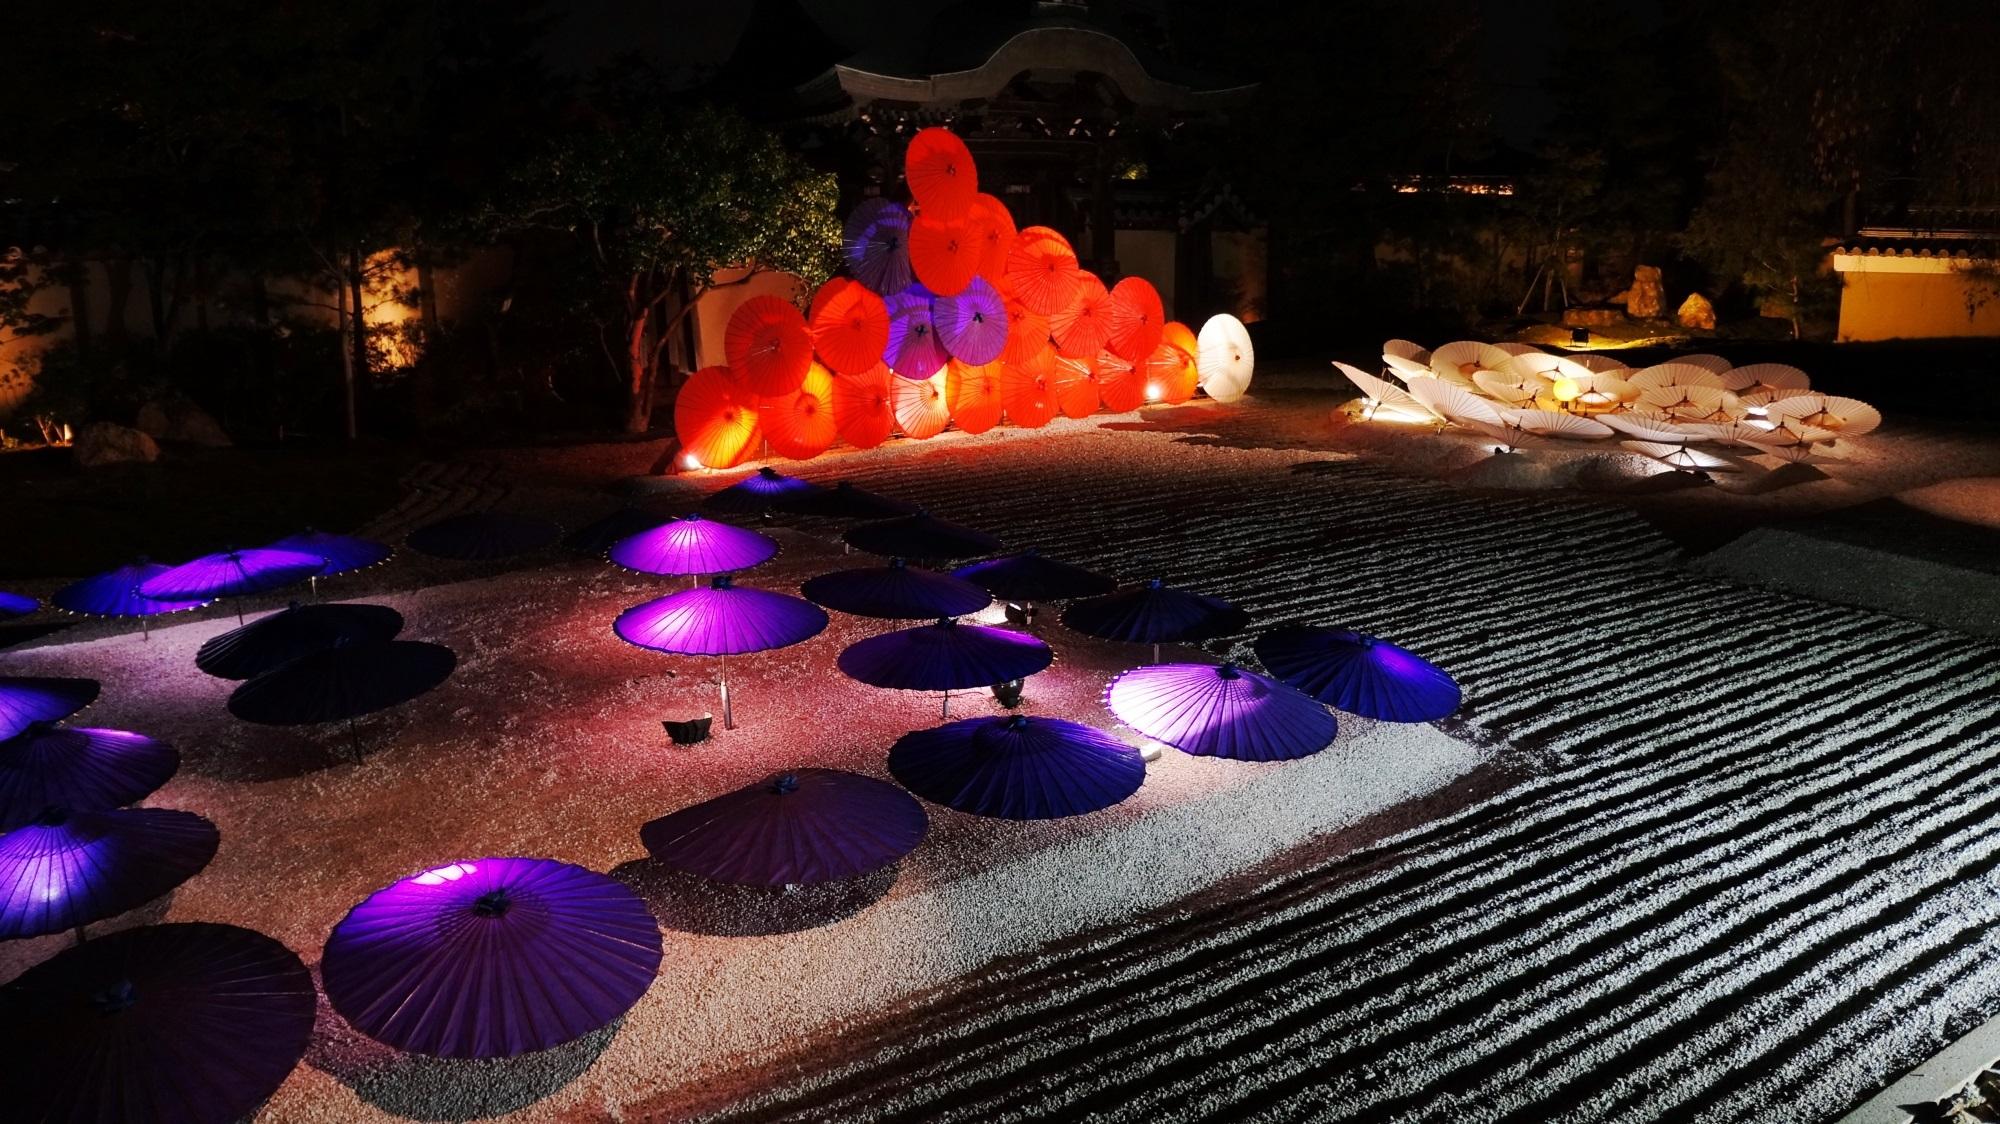 高台寺 和傘 ライトアップ 幻想的な夜の彩り